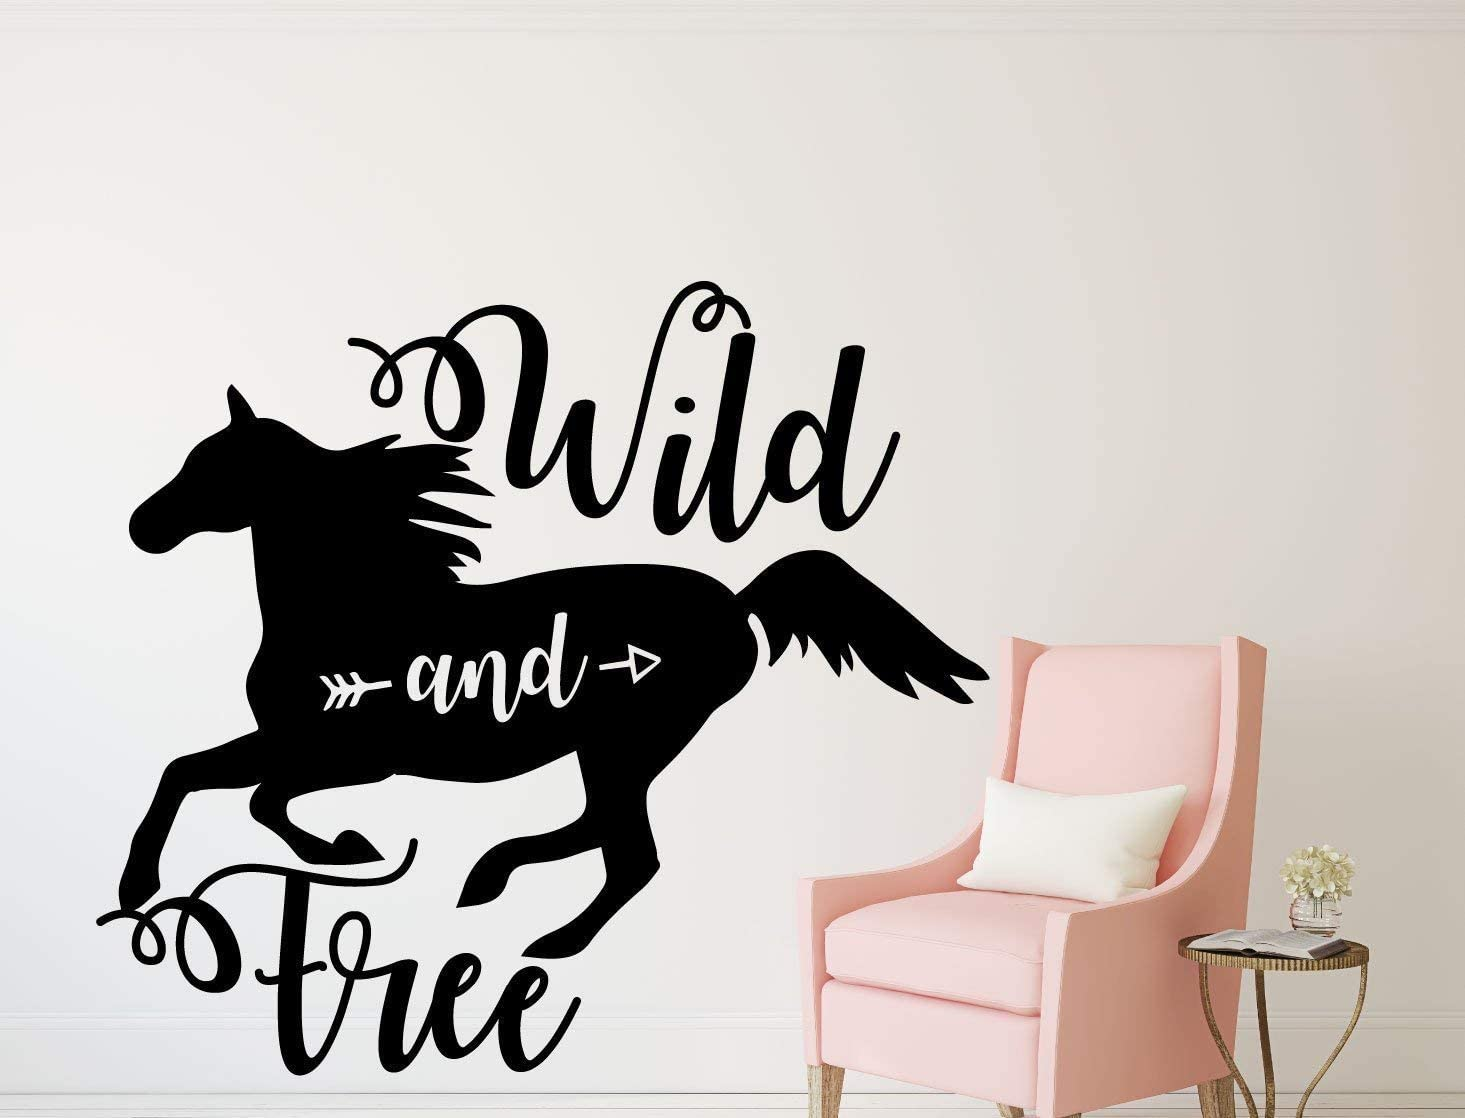 Beach345sley - Vinilo decorativo para pared de caballo, diseño de caballo o caballos, decoración de caballos, decoración de caballos, rancho de cabaña